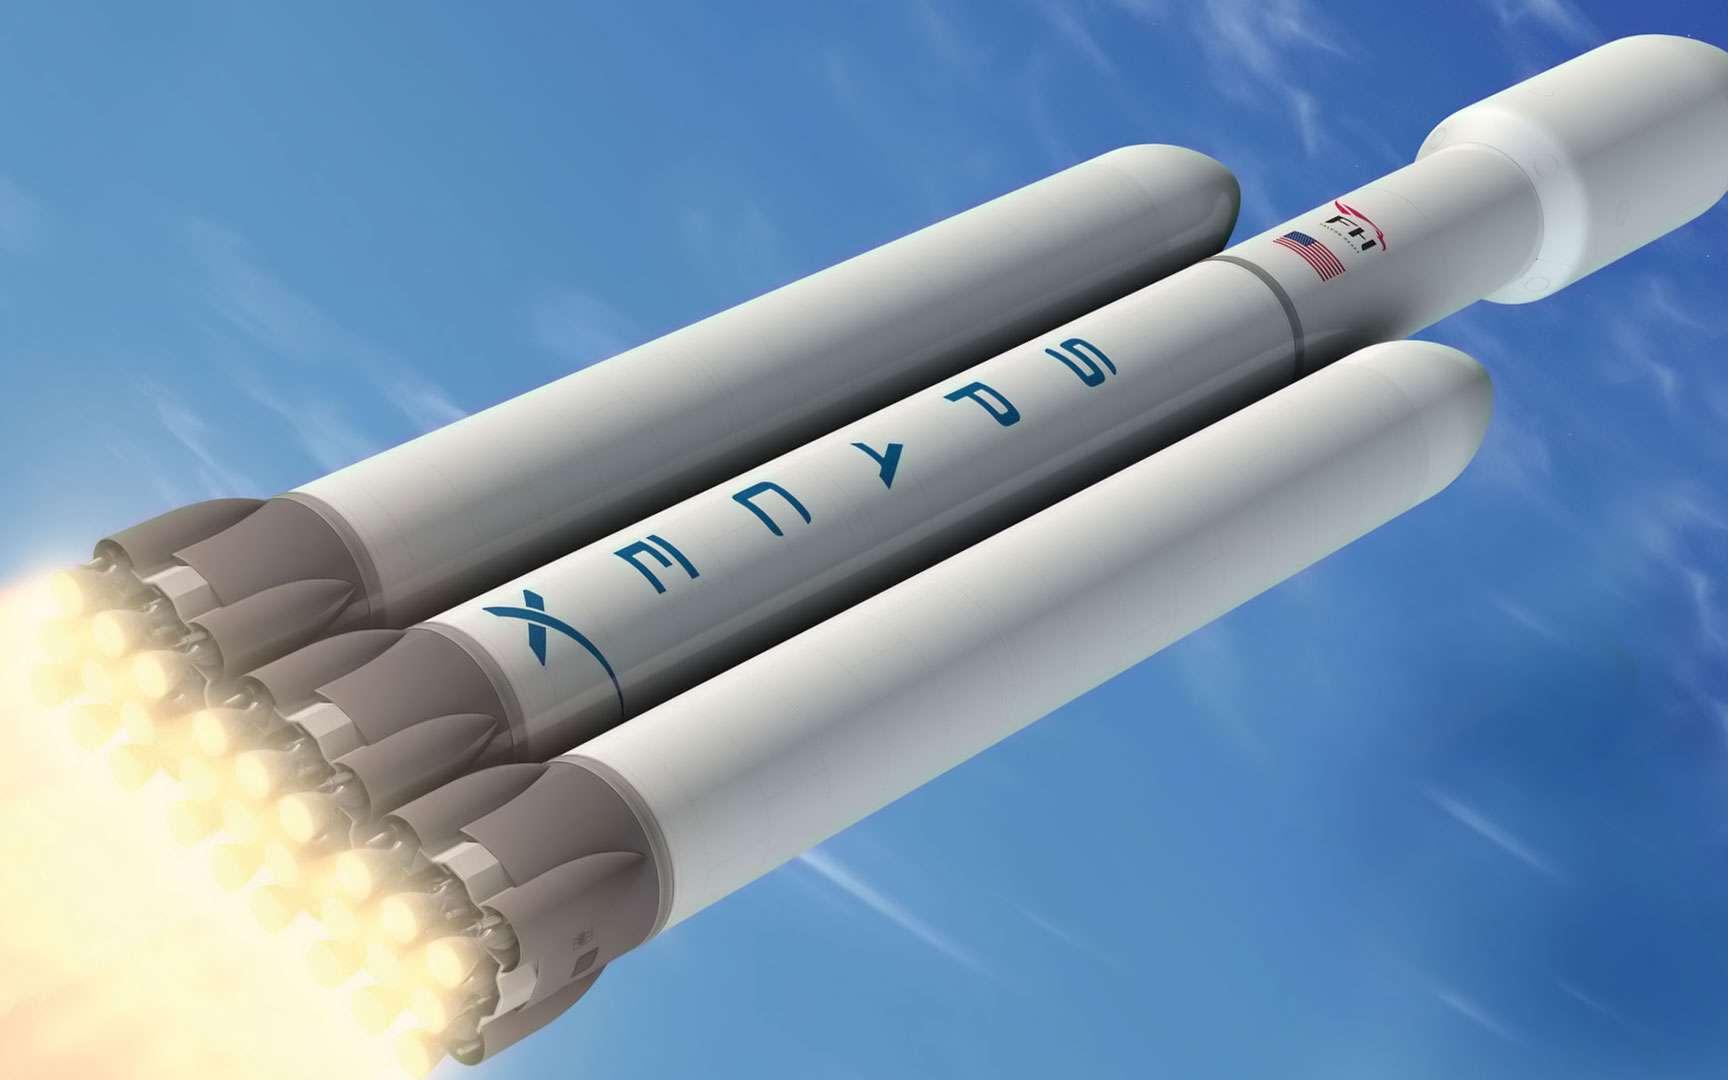 Un des quatre concepts de lanceur de nouvelle génération. Concept de lanceur bi-étage dénommé CH (propulsion méthane/oxygène liquide pour l'étage principal et propulsion cryogénique pour l'étage supérieur). Crédits Astrium / Esa